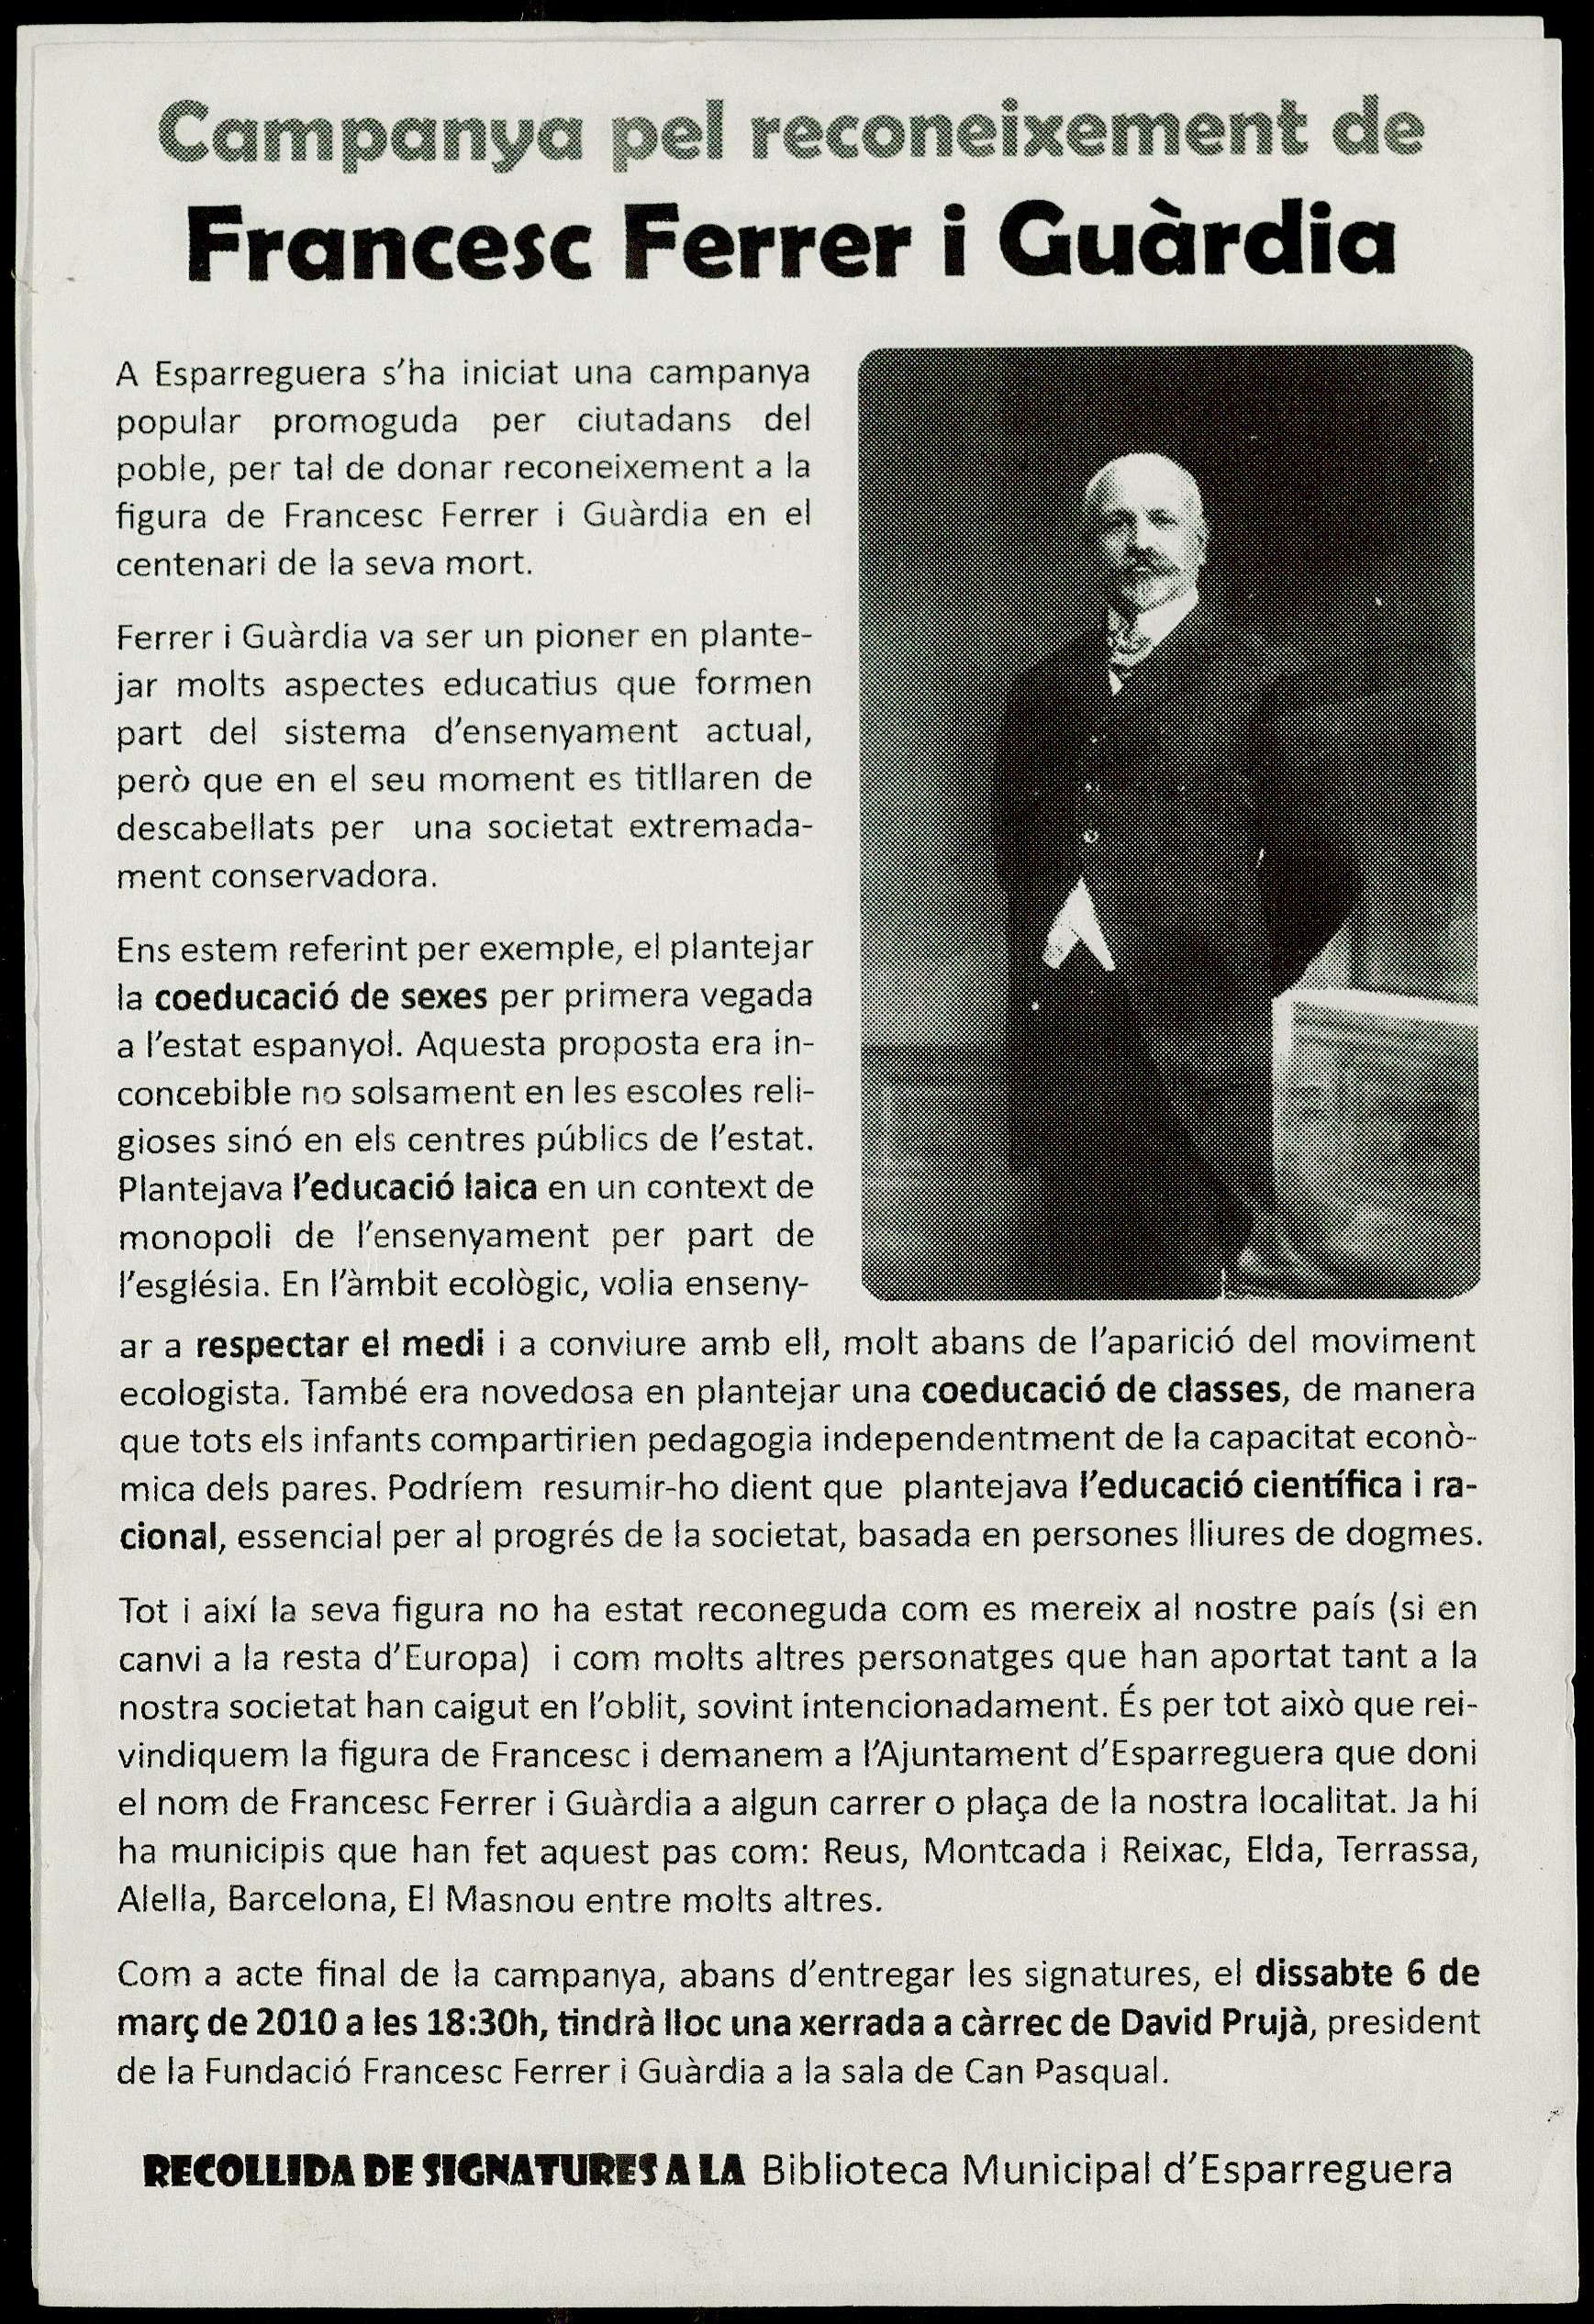 Campanya pel reconeixement de Francesc Ferrer i Guàrdia